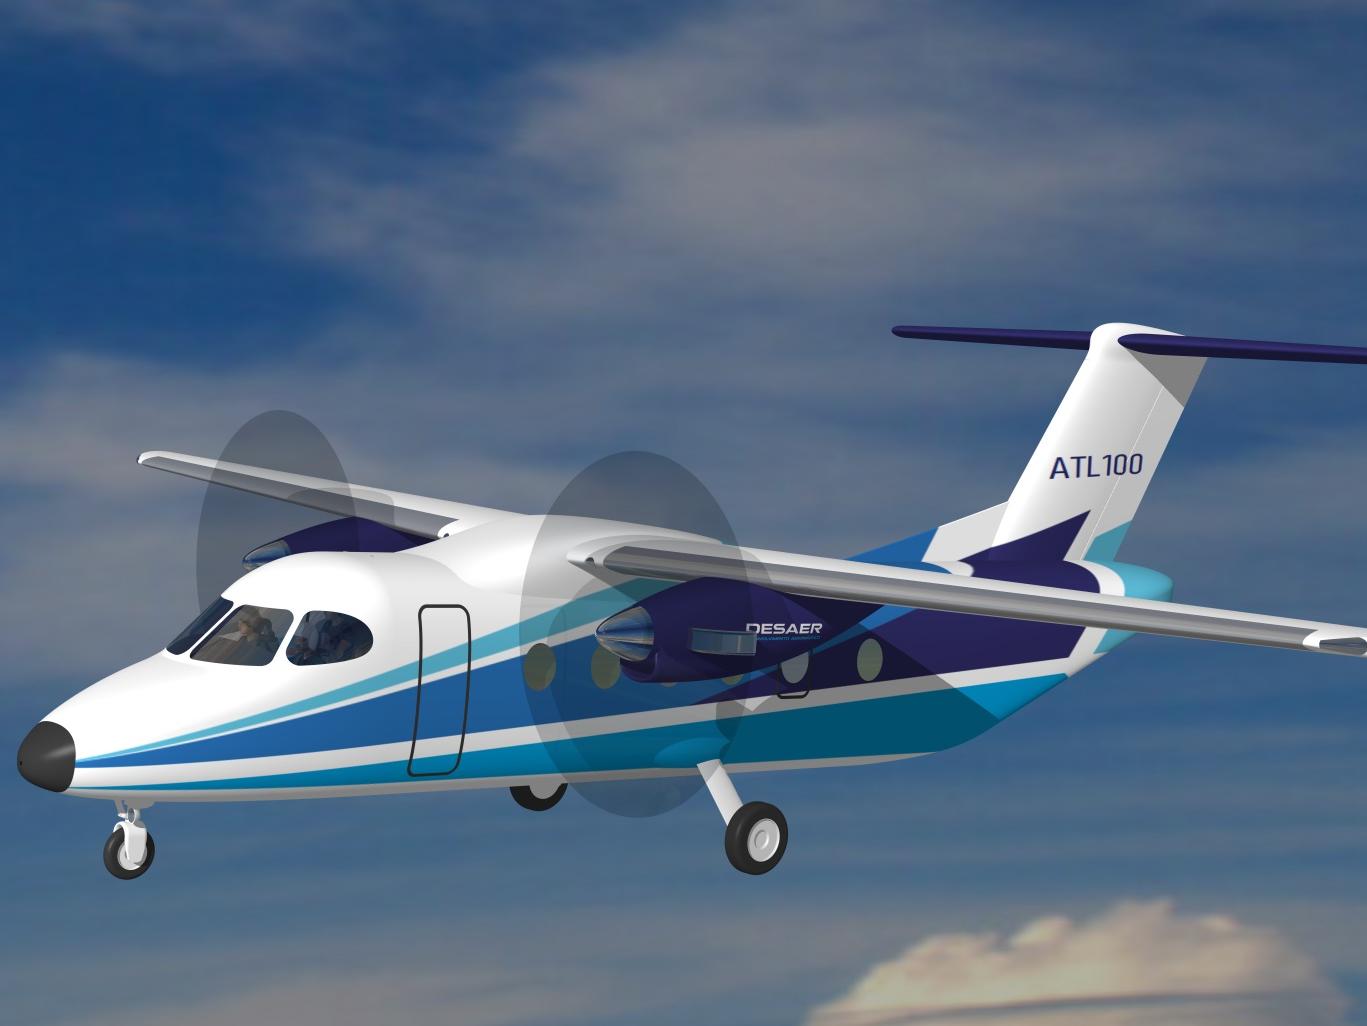 Desaer, nova empresa aeronáutica de São José dos Campos, já tem 12 pedidos de aeronaves